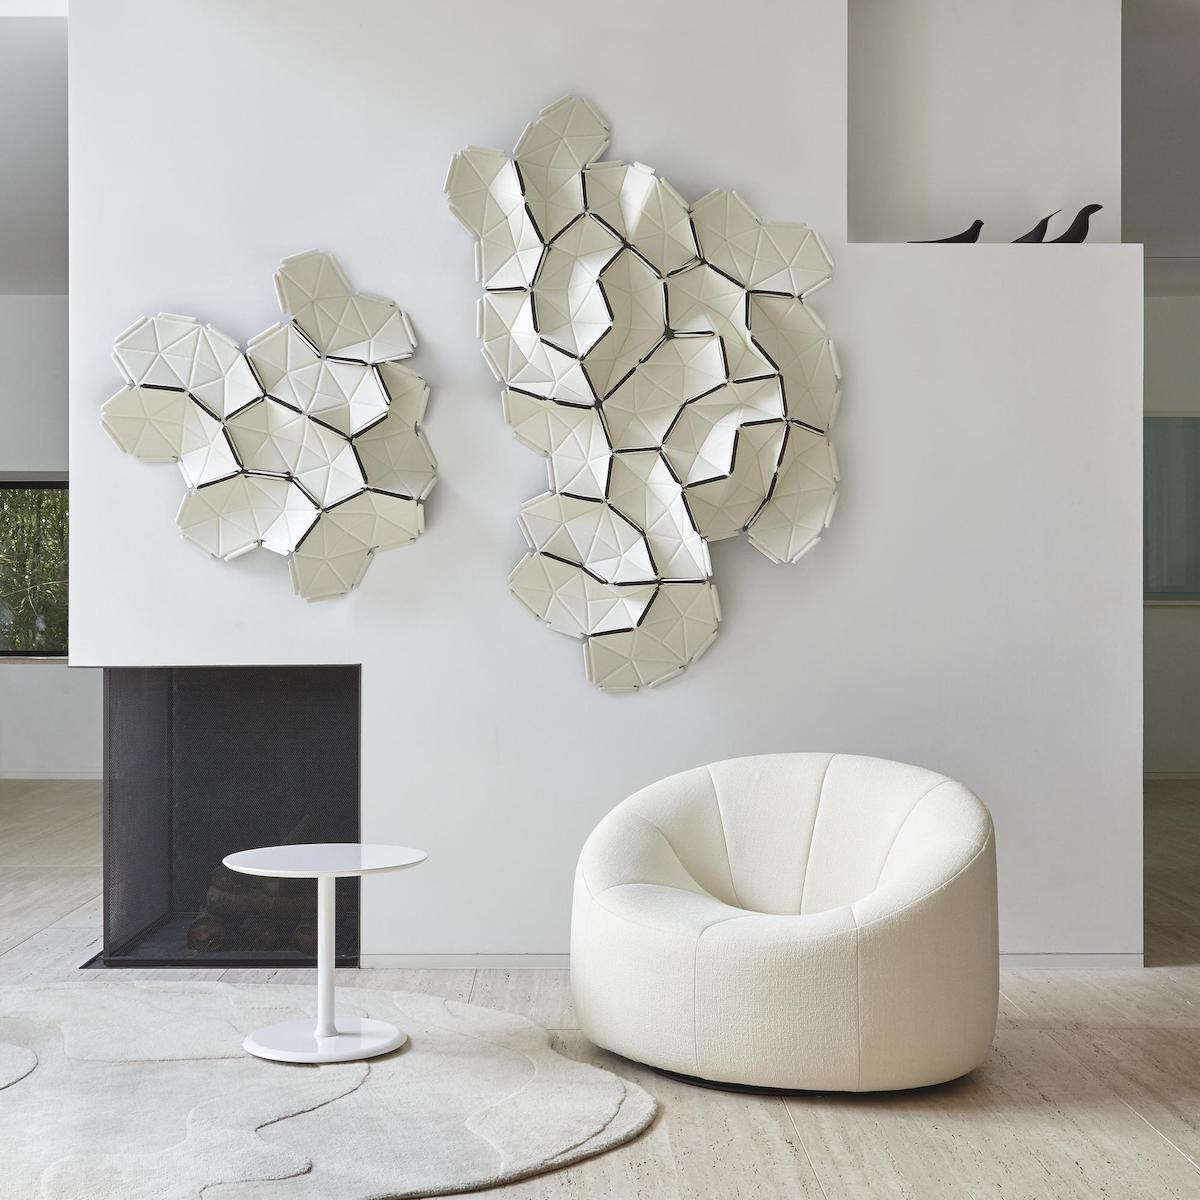 pierre paulin design contemporain fauteuil rond blanc décoration élégante lumineuse